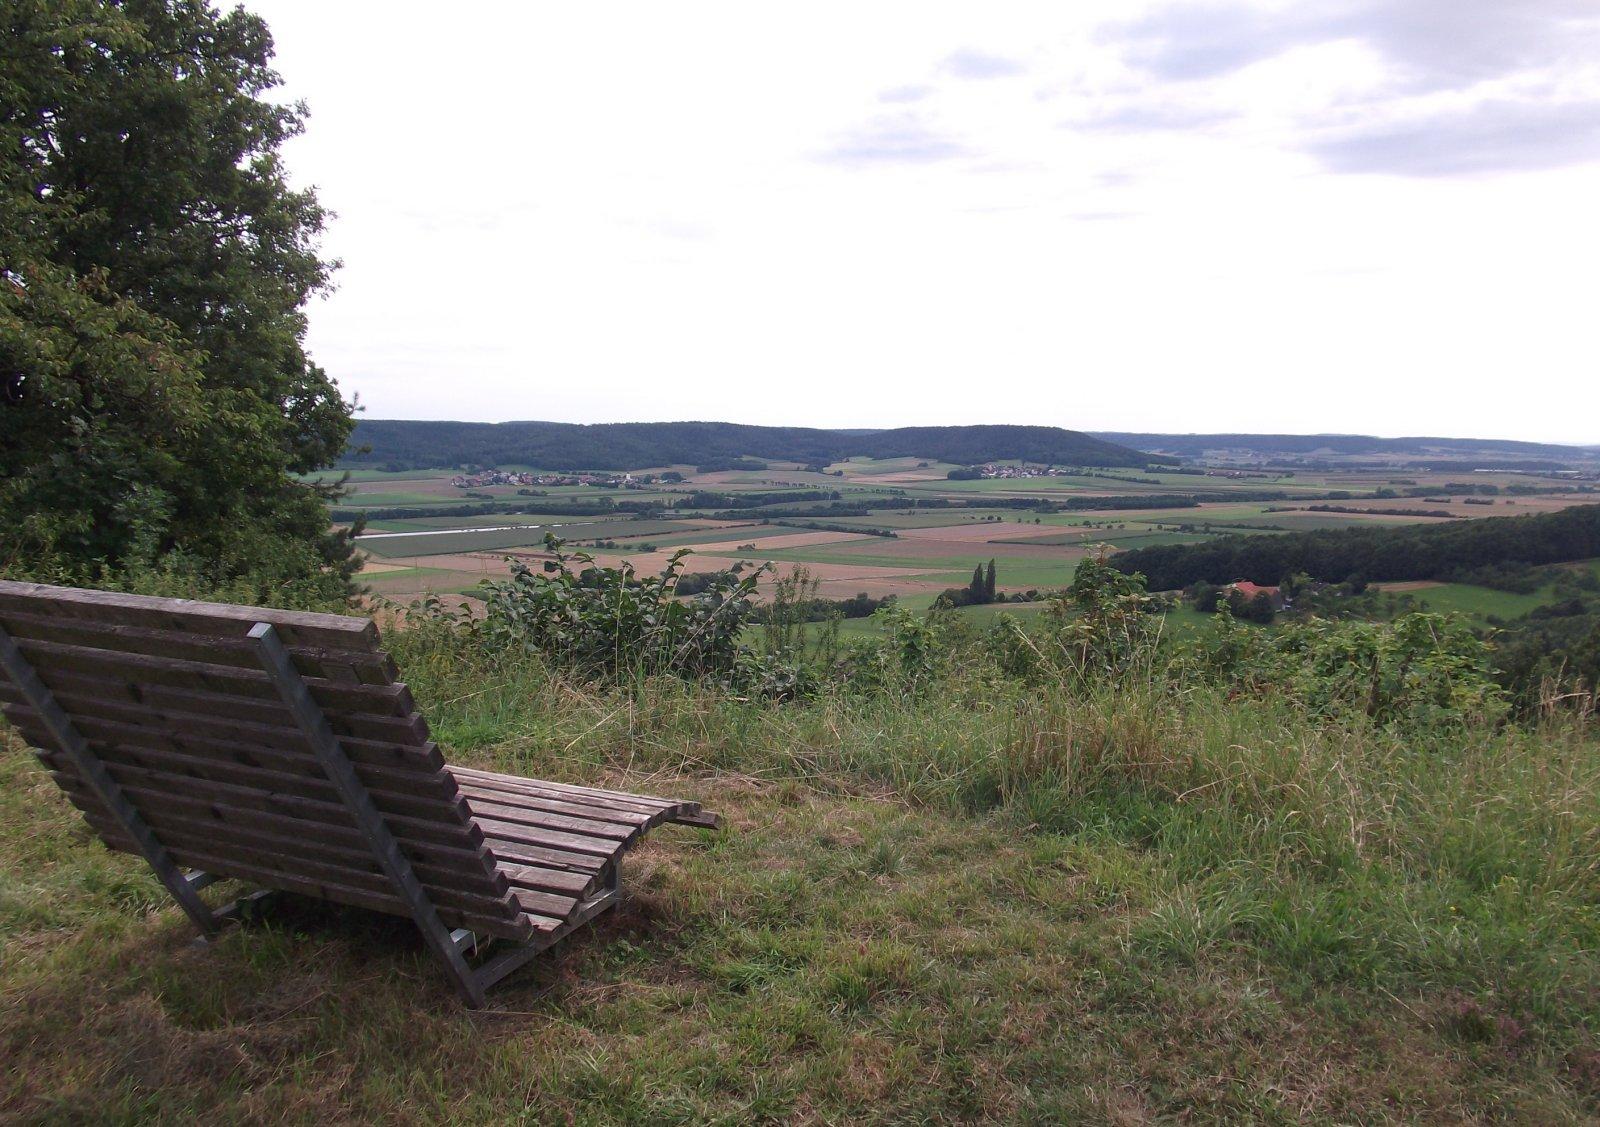 File:Breite Sonnenbank mit tollem Ausblick - panoramio.jpg ...